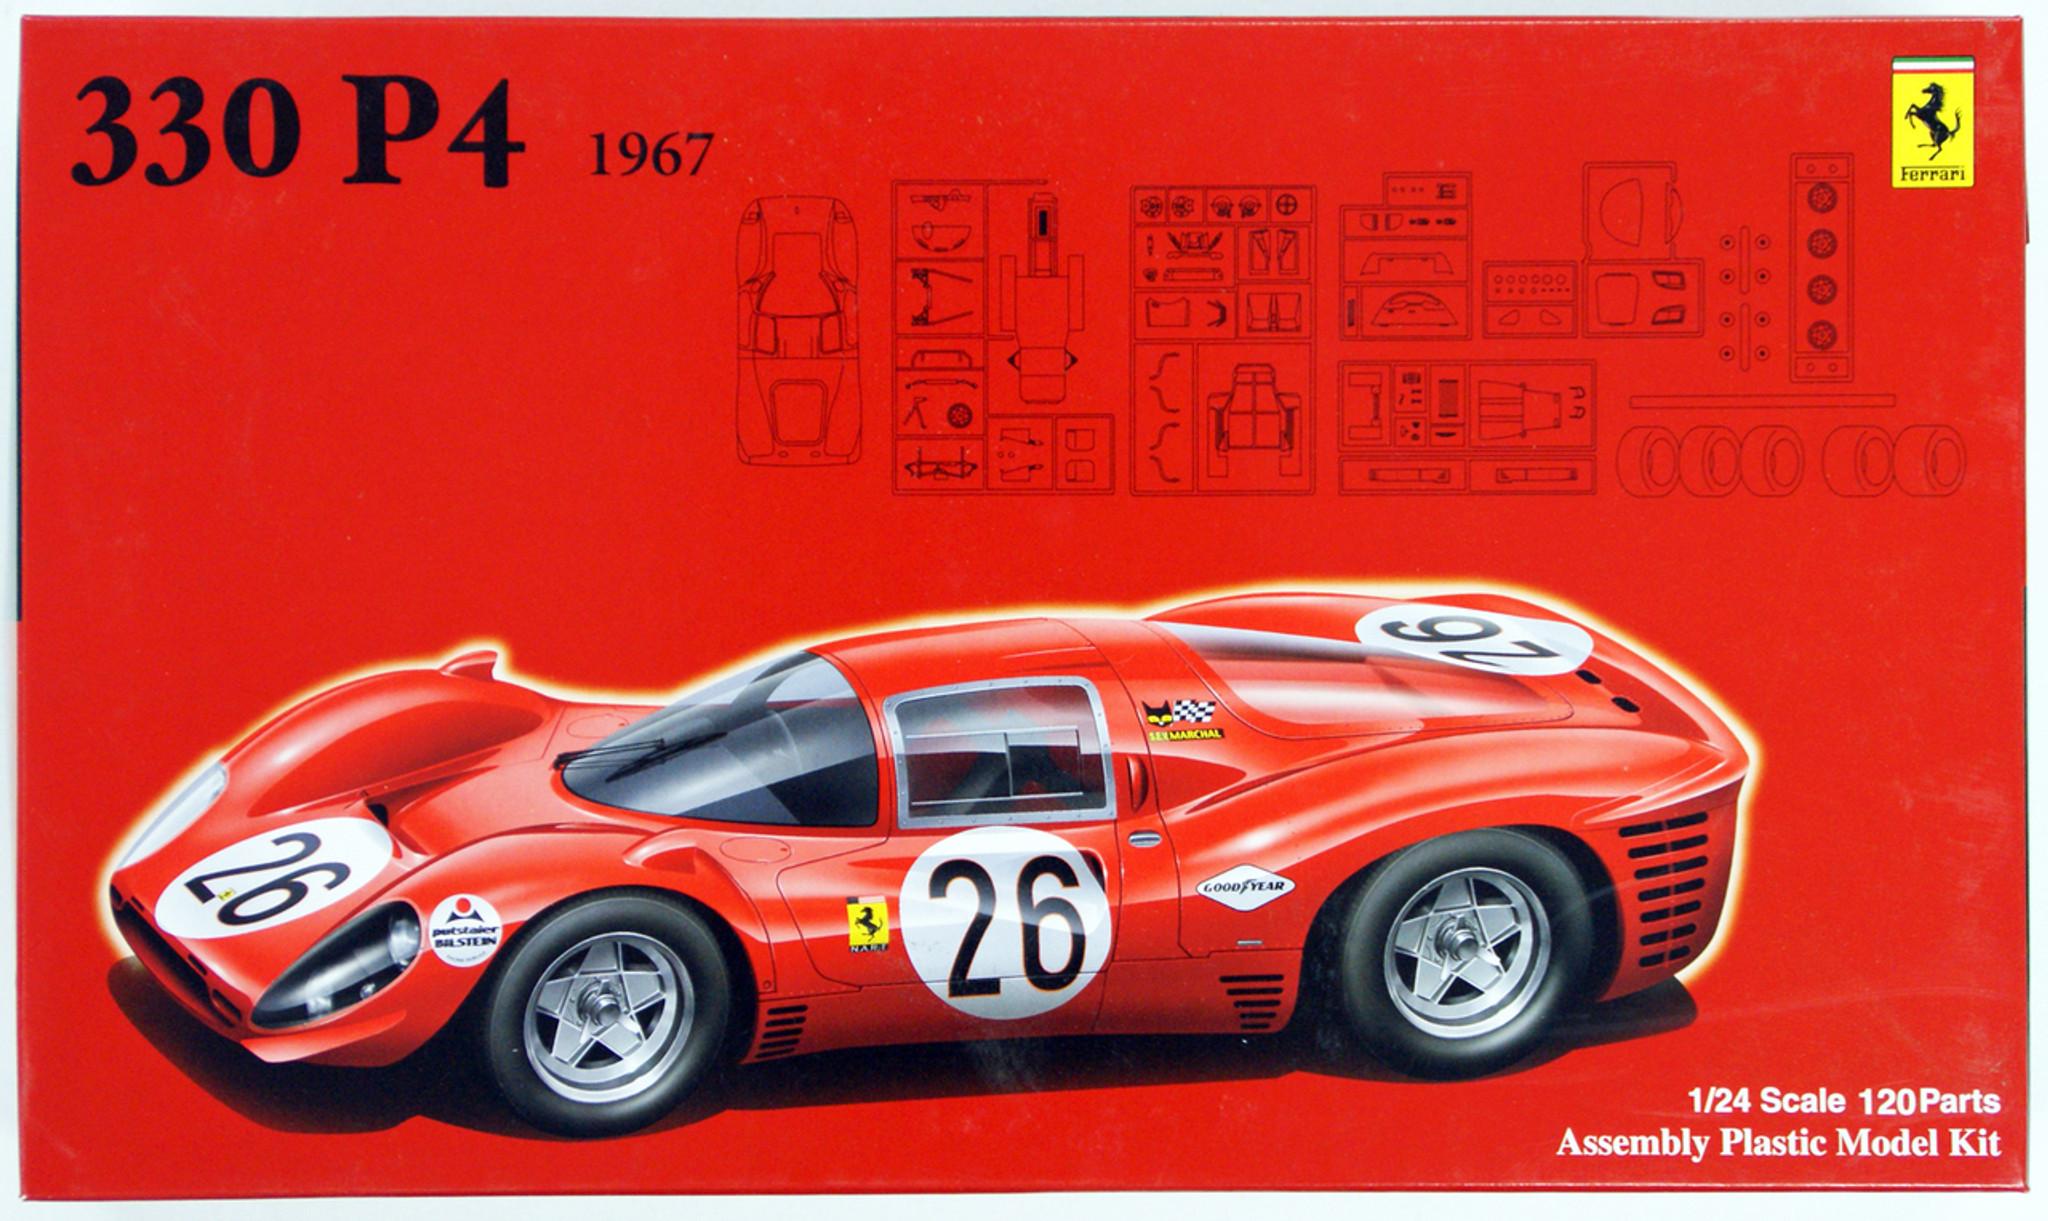 Fujimi RS-48 Ferrari 330 P4 1967 1/24 scale kit